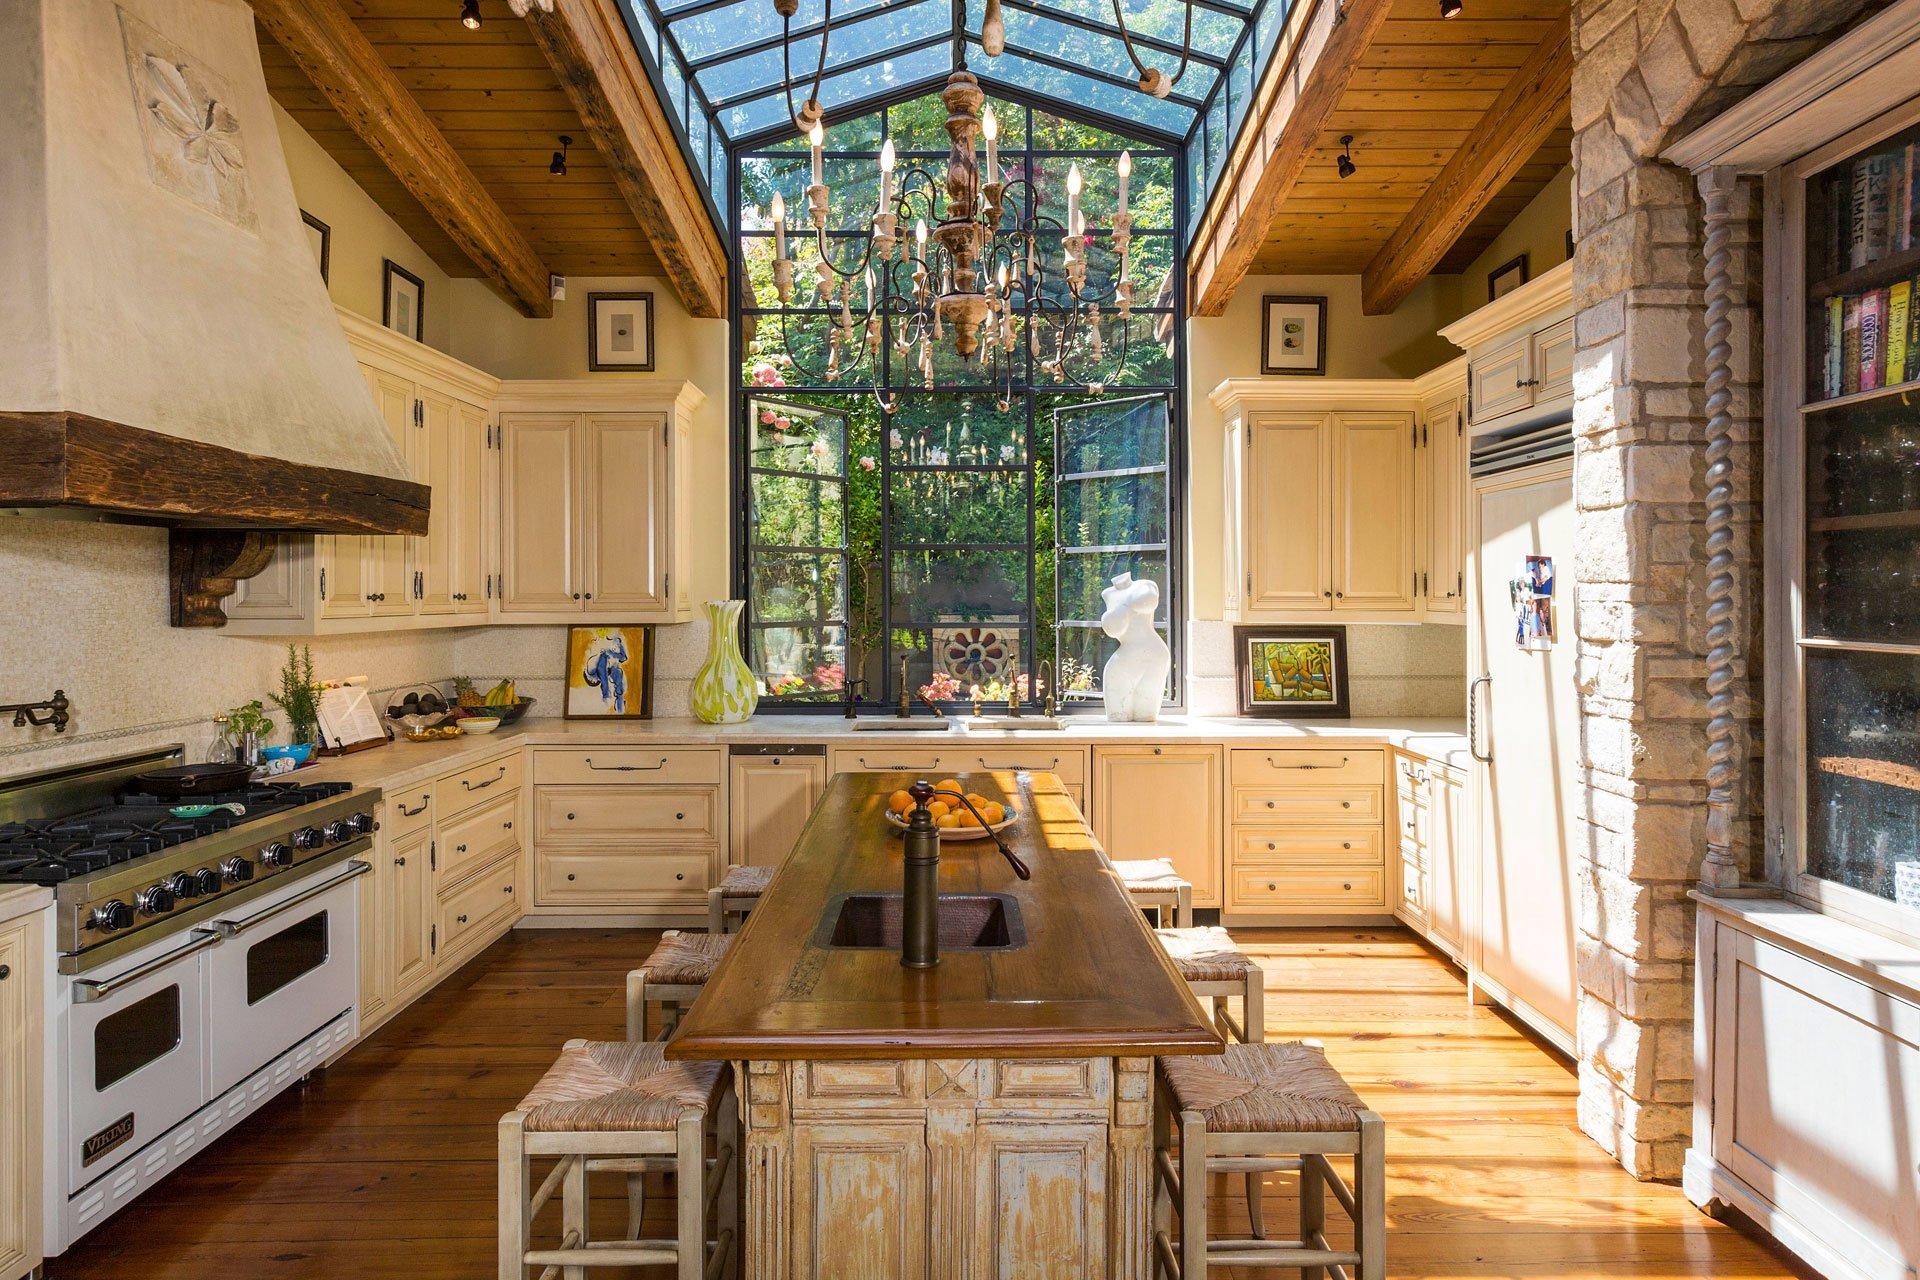 La cocina. Una de los ambientes más amplios de la mansión. Un impresionante ventanal permite que la luz natural sea la protagonista durante gran parte del día